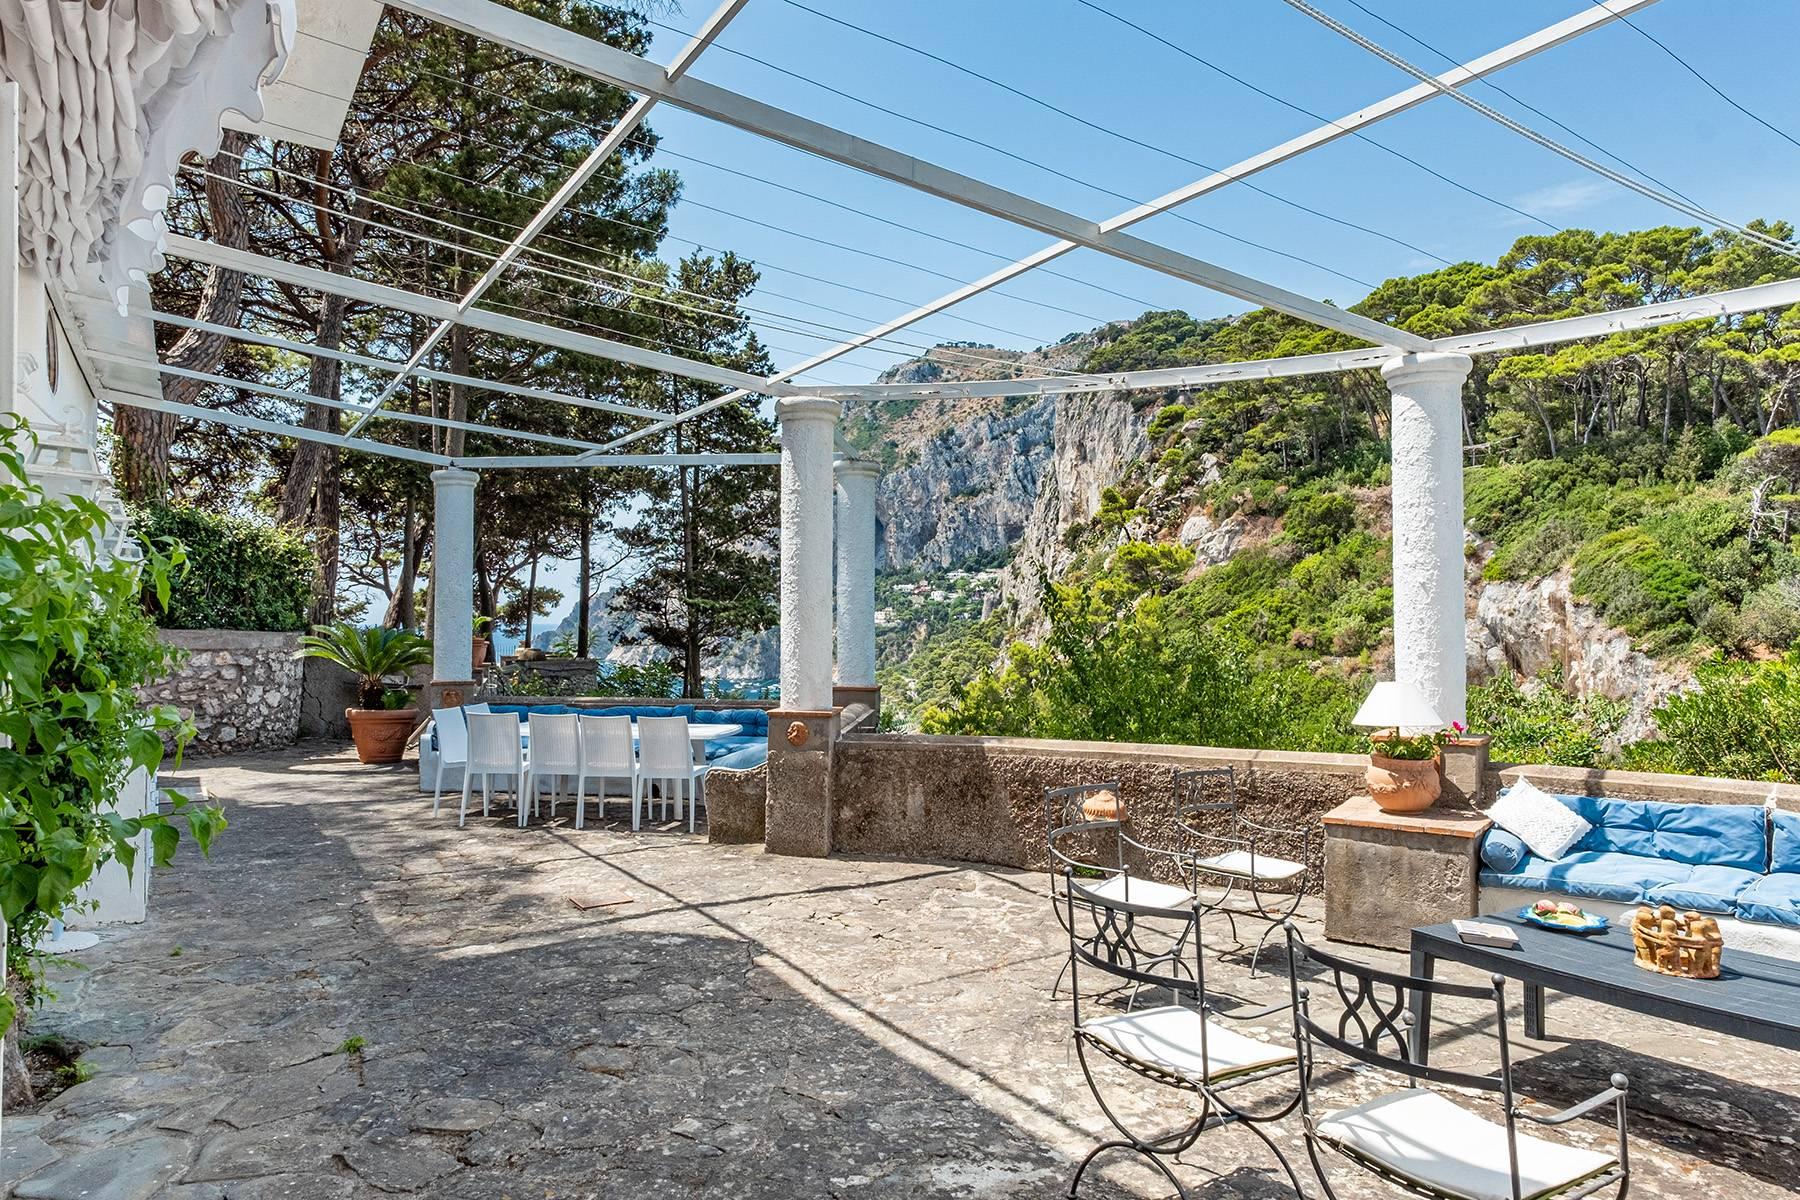 Villa in Vendita a Capri: 5 locali, 230 mq - Foto 2